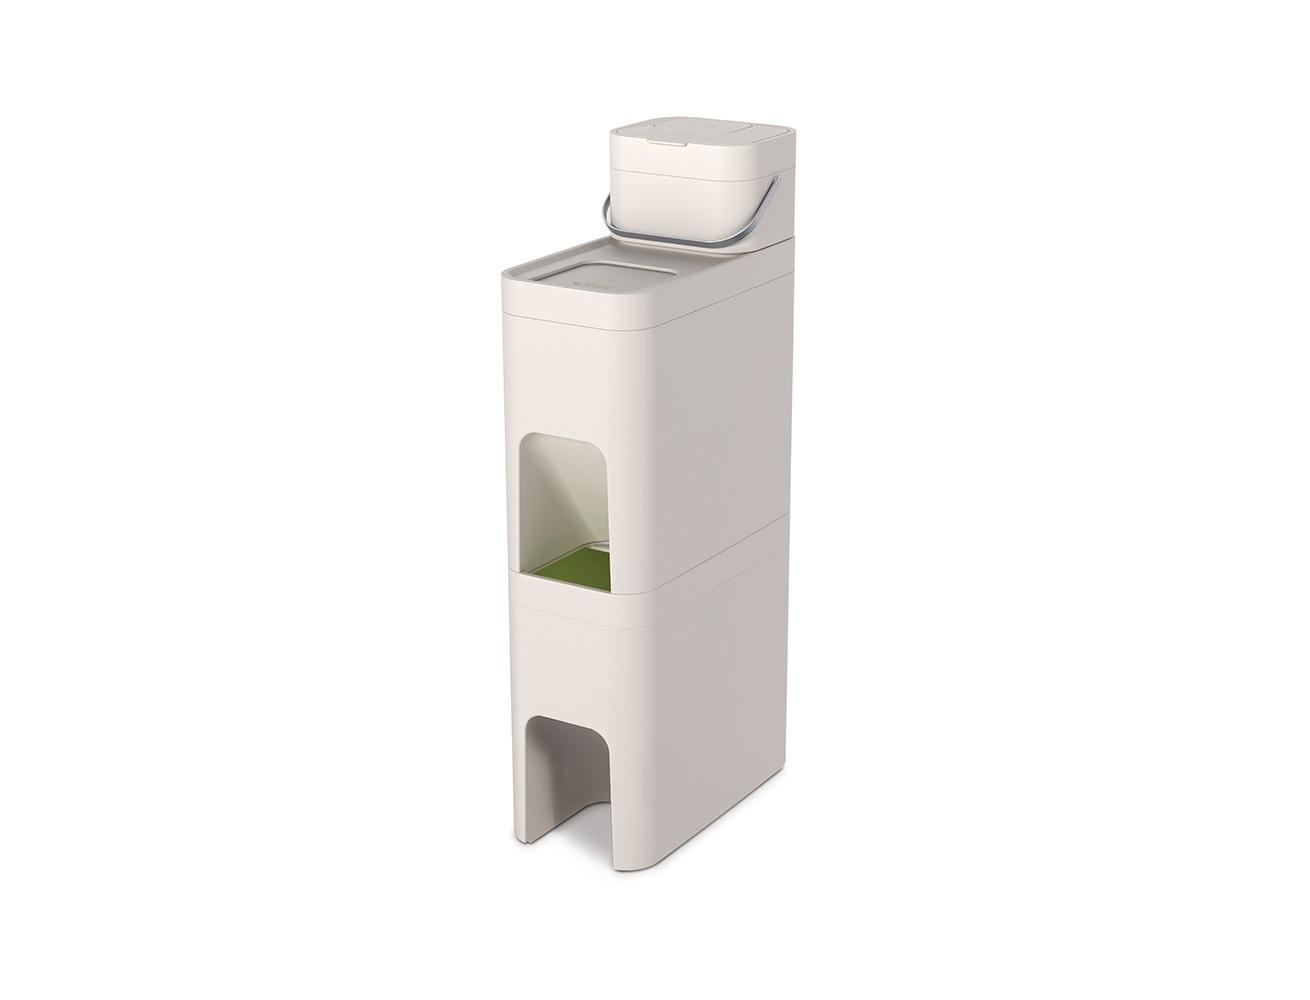 Система контейнеров для мусора stackЯщики<br>Трехуровневая модульная система для раздельного сбора мусора. Состоит из двух раздельных контейнеров объёмом 24 литра каждый и 4-х литрового контейнера для пищевых отходов. Контейнеры компактно устанавливаются один на другой.<br>Расположенные внутри ведра легко вынимаются: удобно мыть и выносить. Скользящие крышки (к каждой из которых обеспечен удобный доступ) плотно закрывают мусор от взглядов, не выпуская неприятные запахи. Дополнительно можно приобрести специально разработанные биоразлагаемые пакеты, которые аккуратно крепятся к краям контейнеров за специальные отверстия.<br>Контейнер для пищевых отходов оснащён съёмными фильтрами для блокировки неприятных запахов и удобной ручкой для переноски. Может использоваться как совместно с другими контейнерами, так и отдельно. Например, его удобно хранить на рабочем столе или внутри кухонного шкафа.<br>Универсальный дизайн отлично подходит для самых разных пространств.<br><br>Material: Пластик<br>Width см: 23<br>Depth см: 44<br>Height см: 80